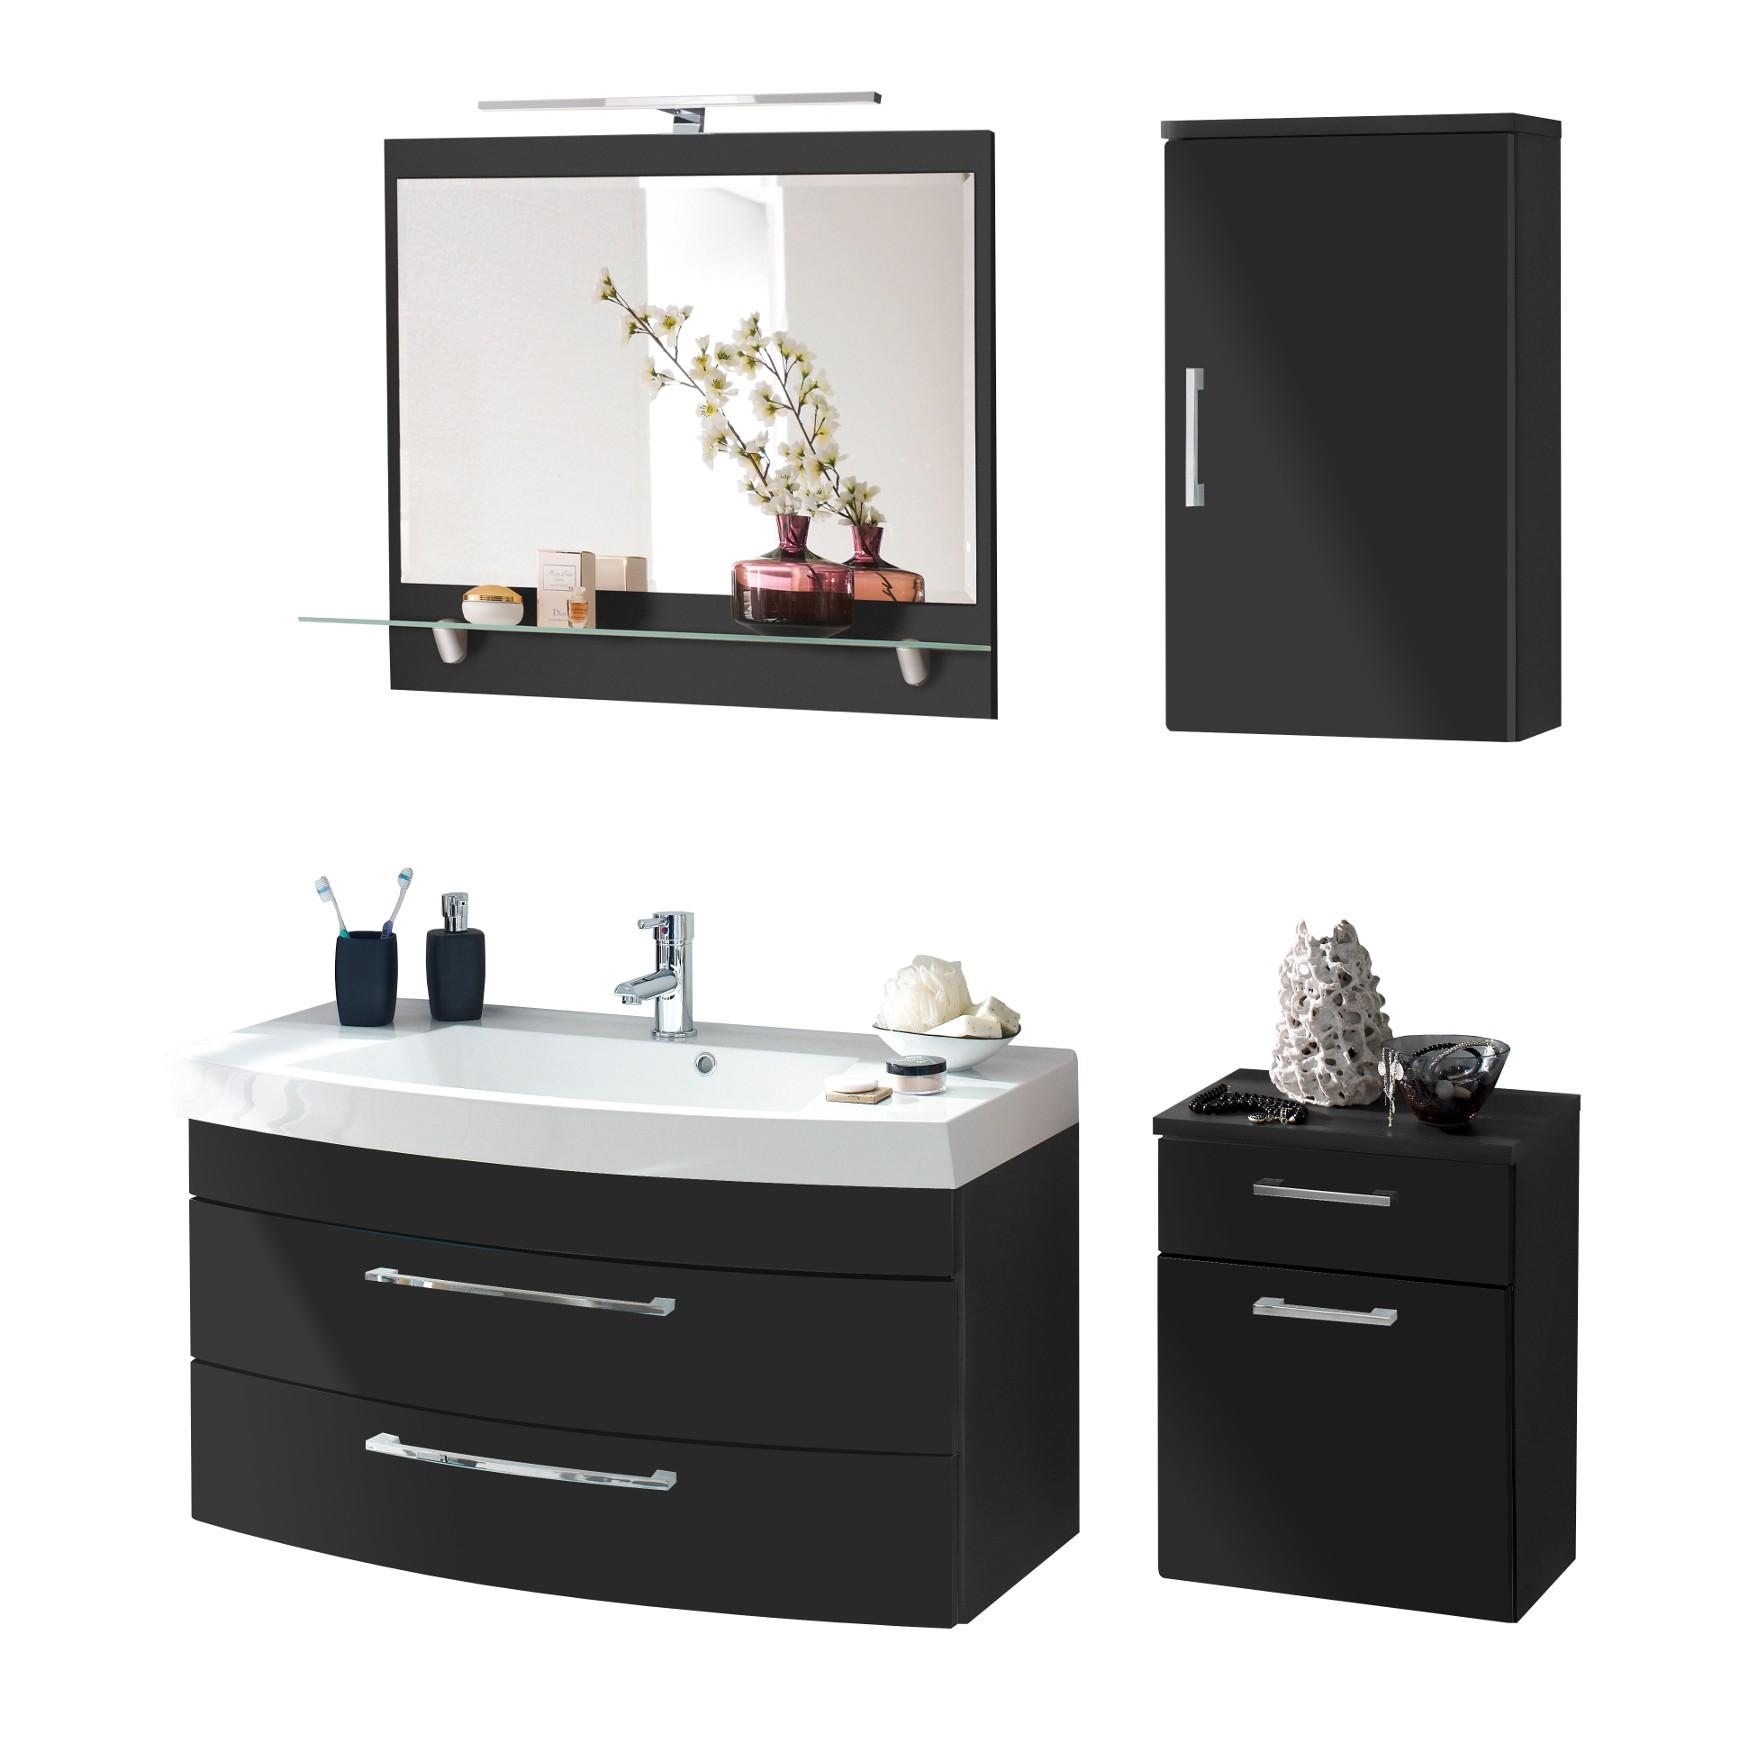 Badmöbel-Set RIMA - mit Spiegelpaneel - 6-teilig - 140 cm breit ...